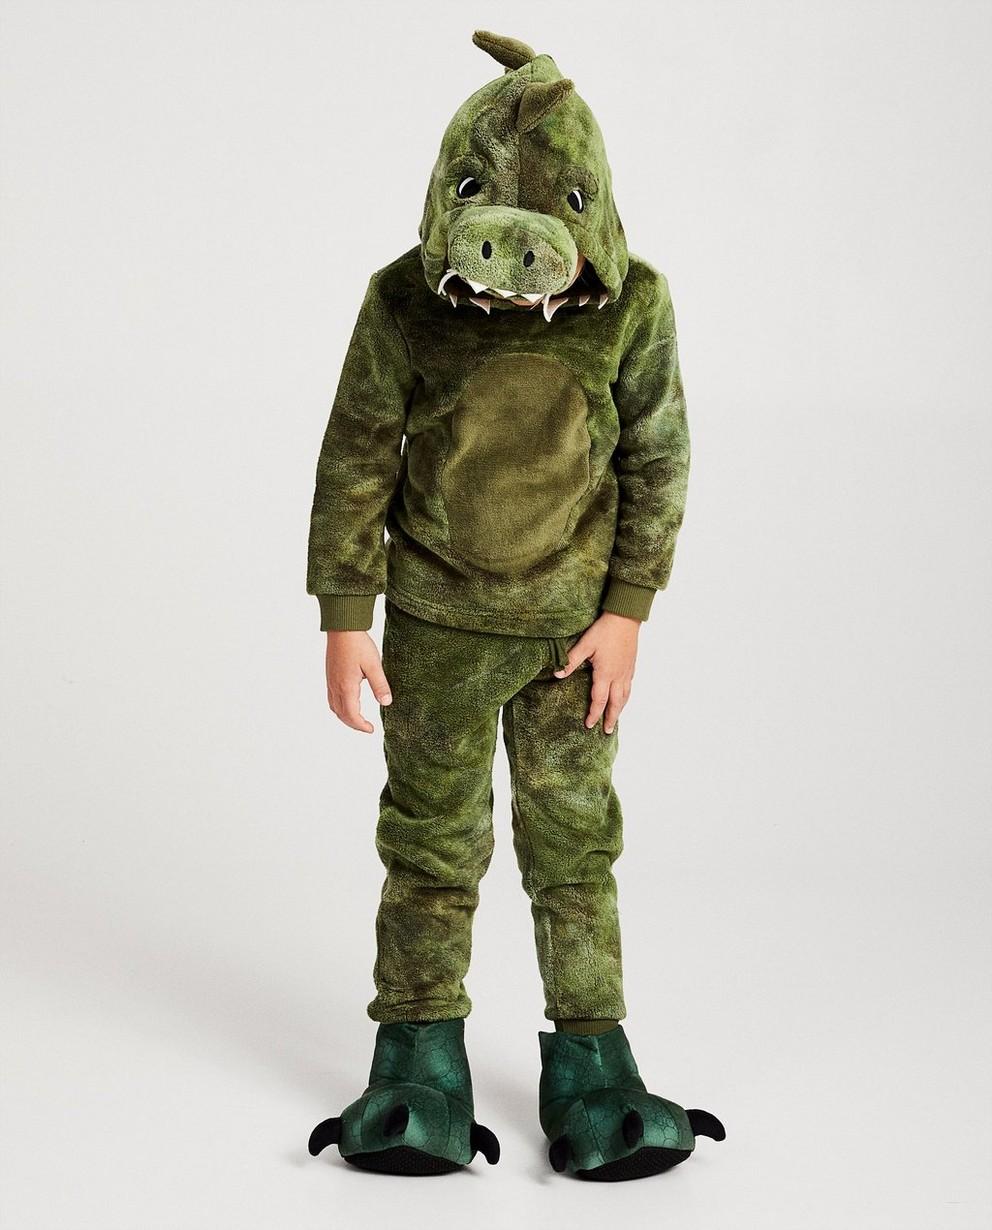 Krokodillen-huispakje van fleece - in groen - JBC NL